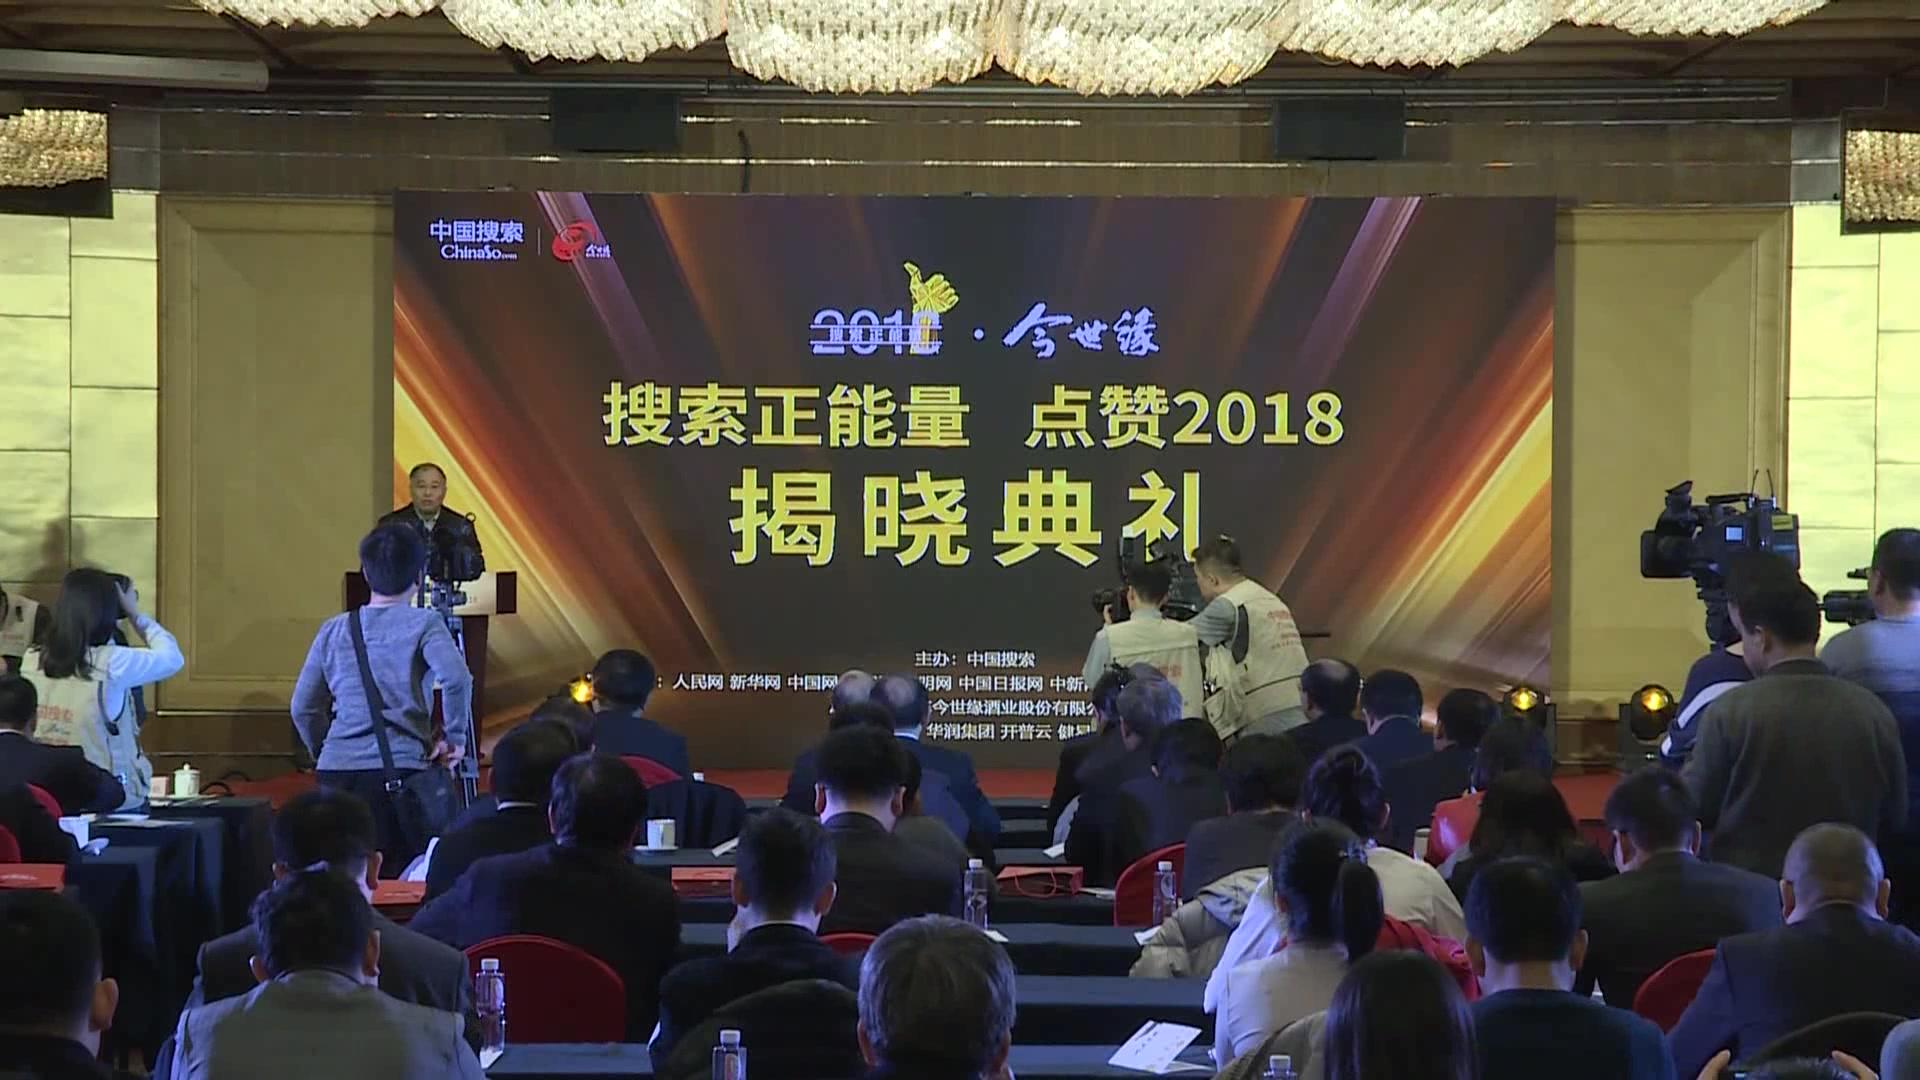 """""""搜索正能量 点赞2018""""揭晓典礼在京举行"""